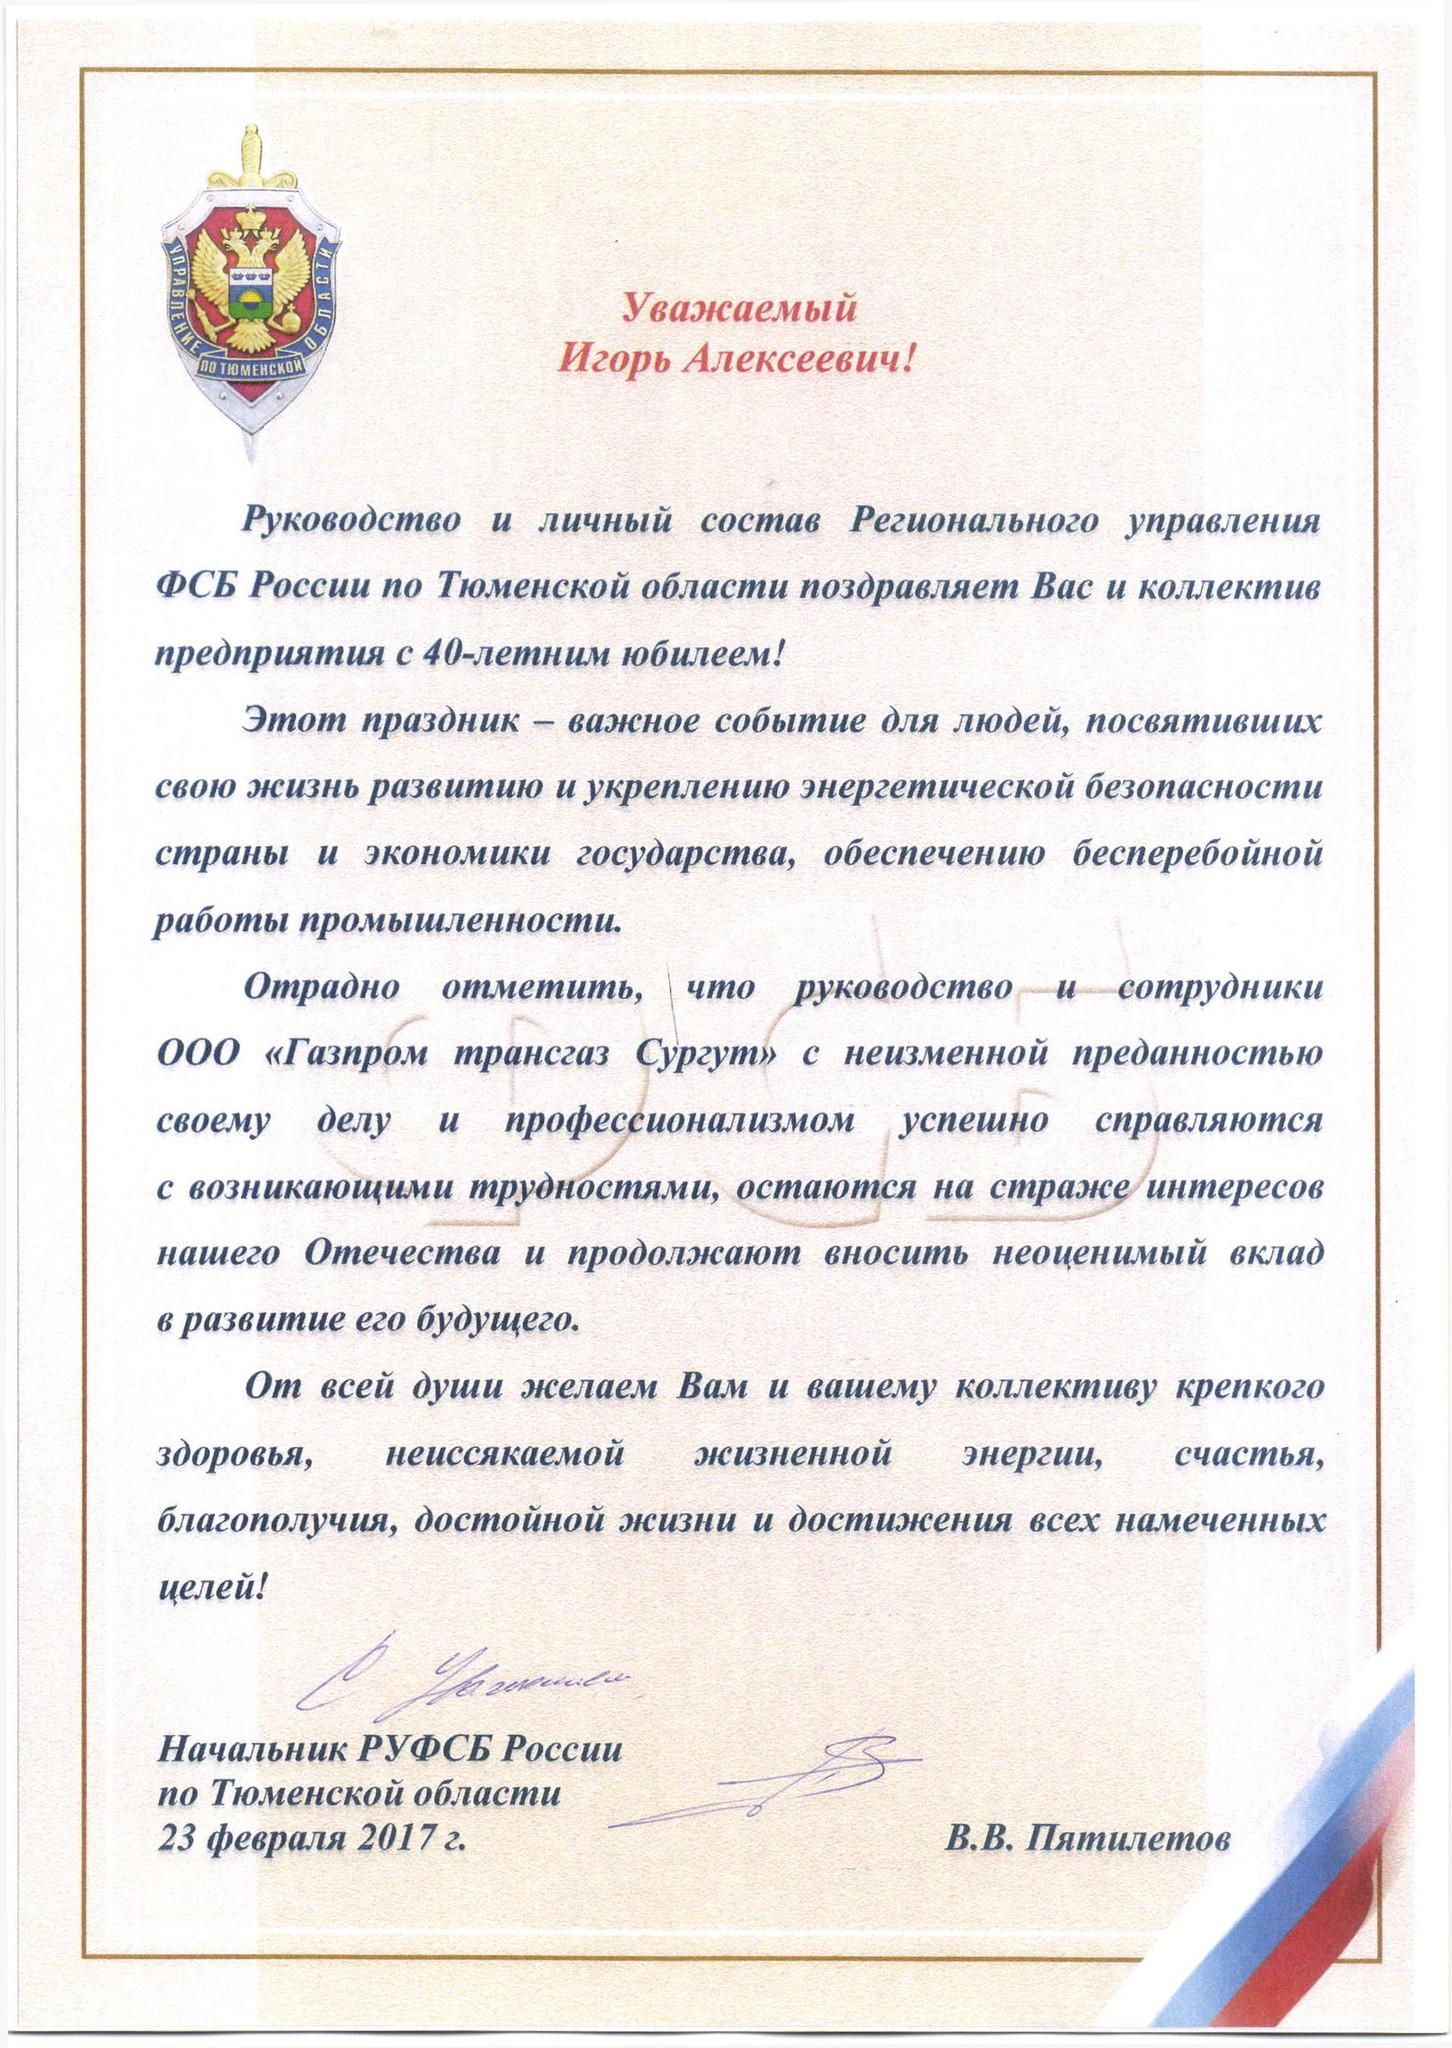 Поздравление для начальника фсб 212